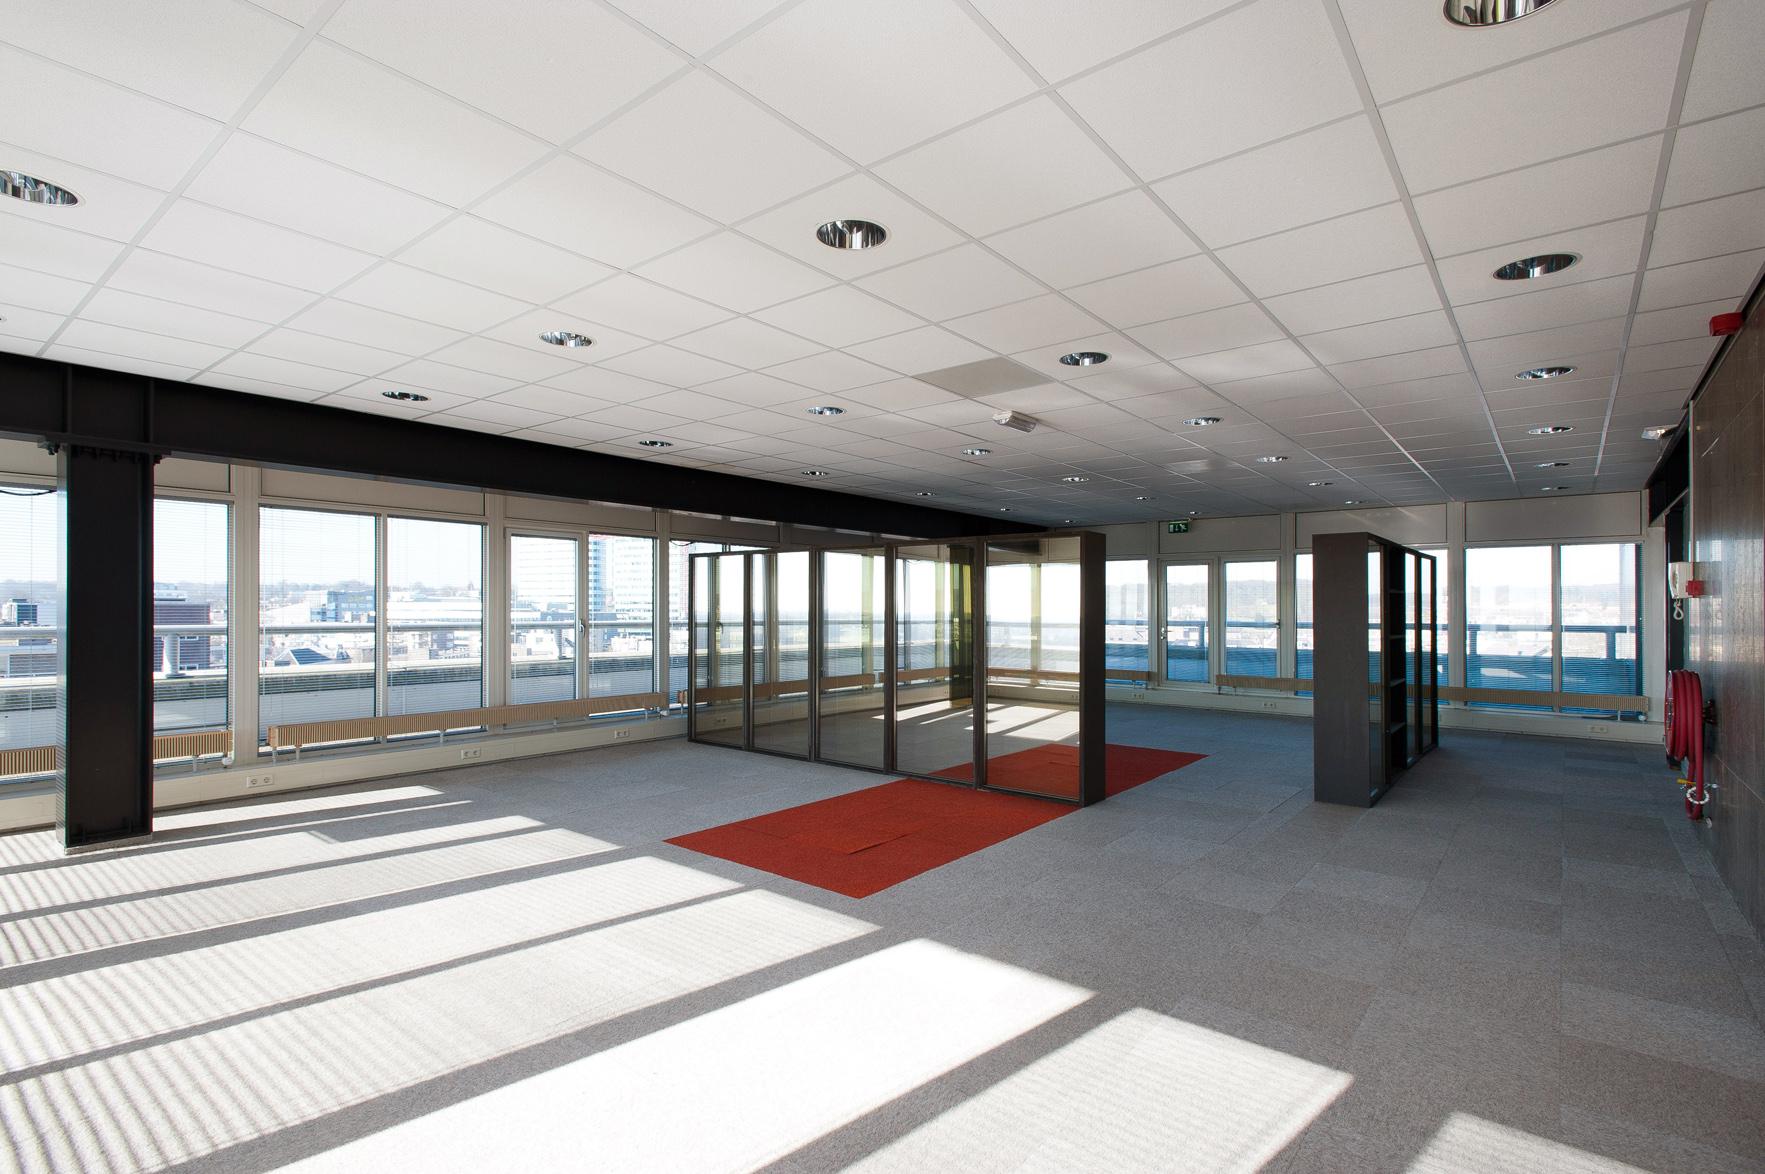 Kantoor Huren Amsterdam : Kantoor huren per uur amsterdam kantoor en bedrijfsruimte huren